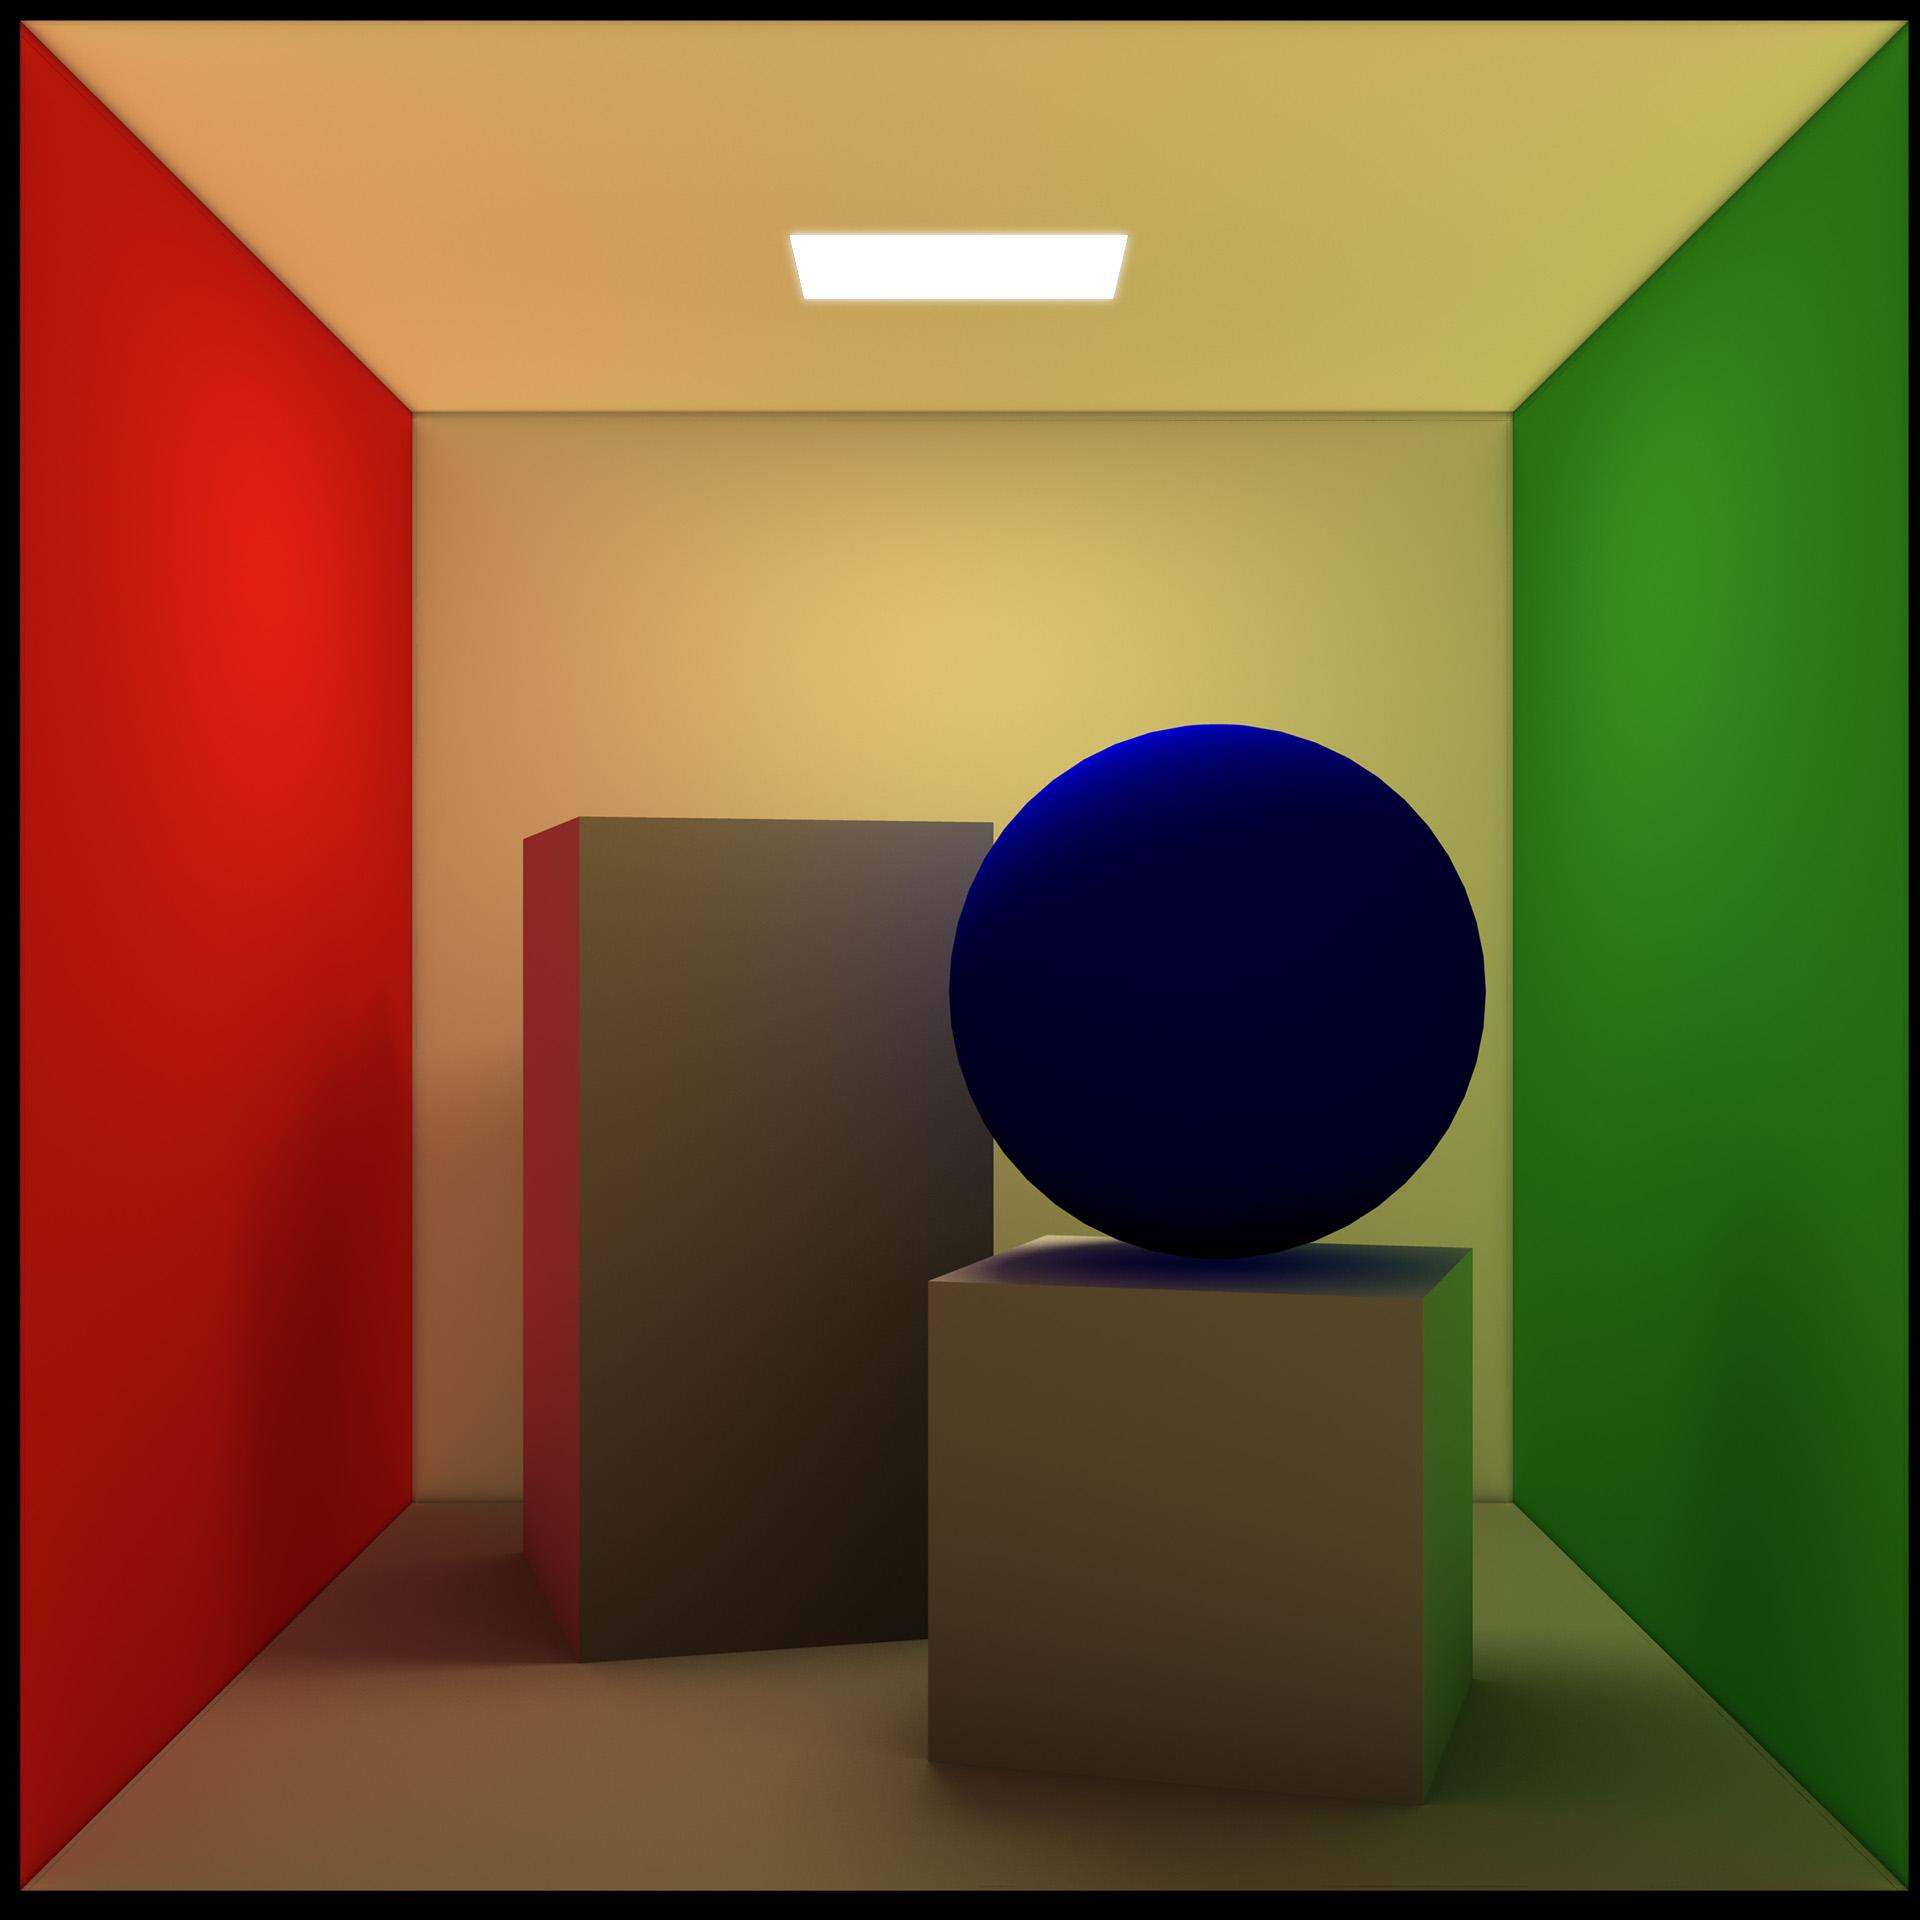 simulating_radiance_image02